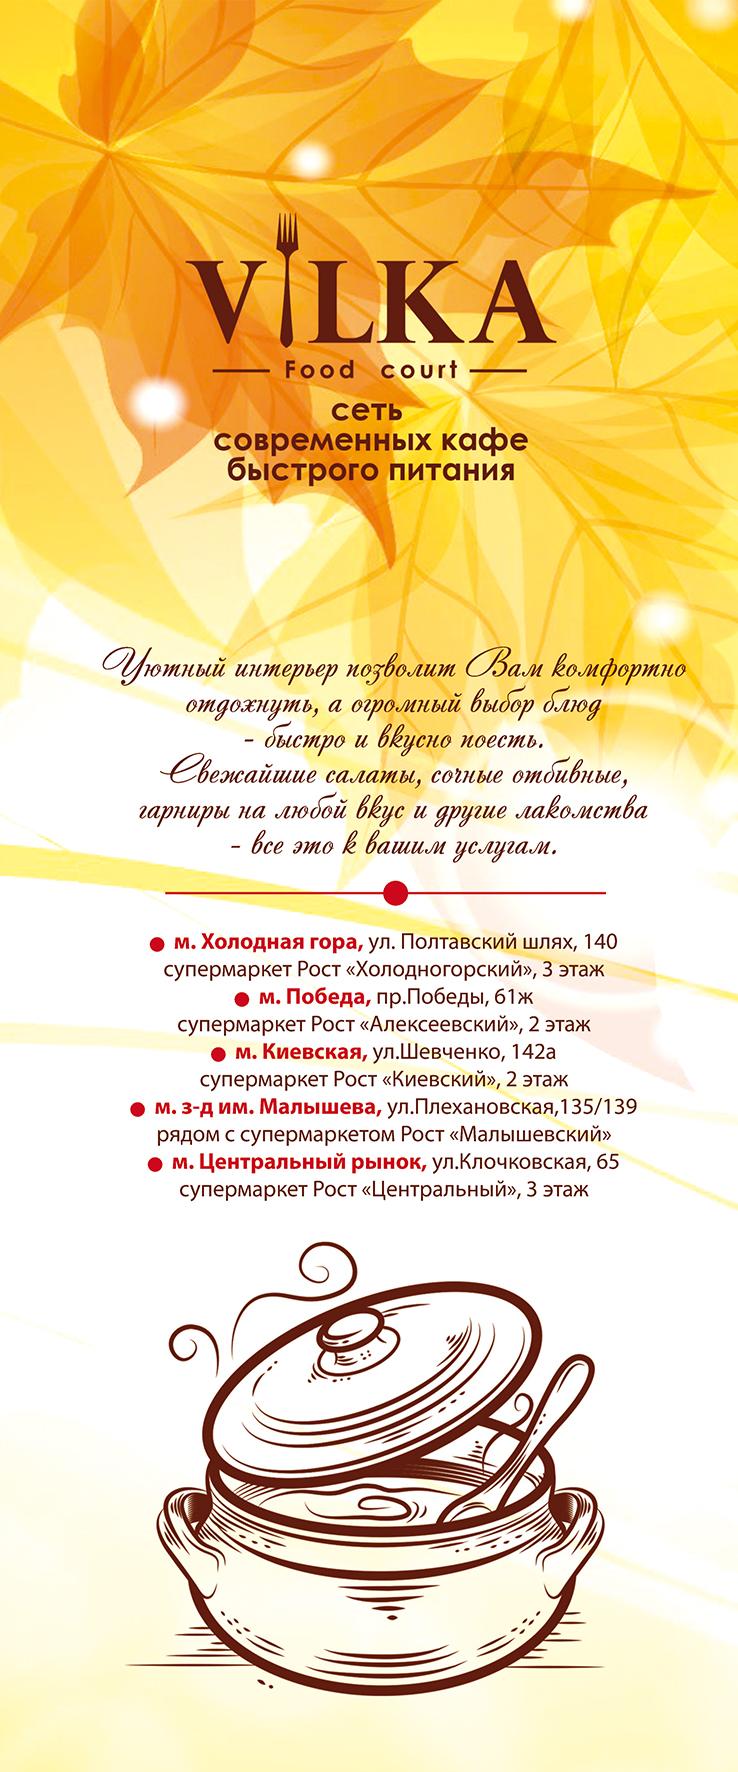 vilka_print_8-14_10_page4